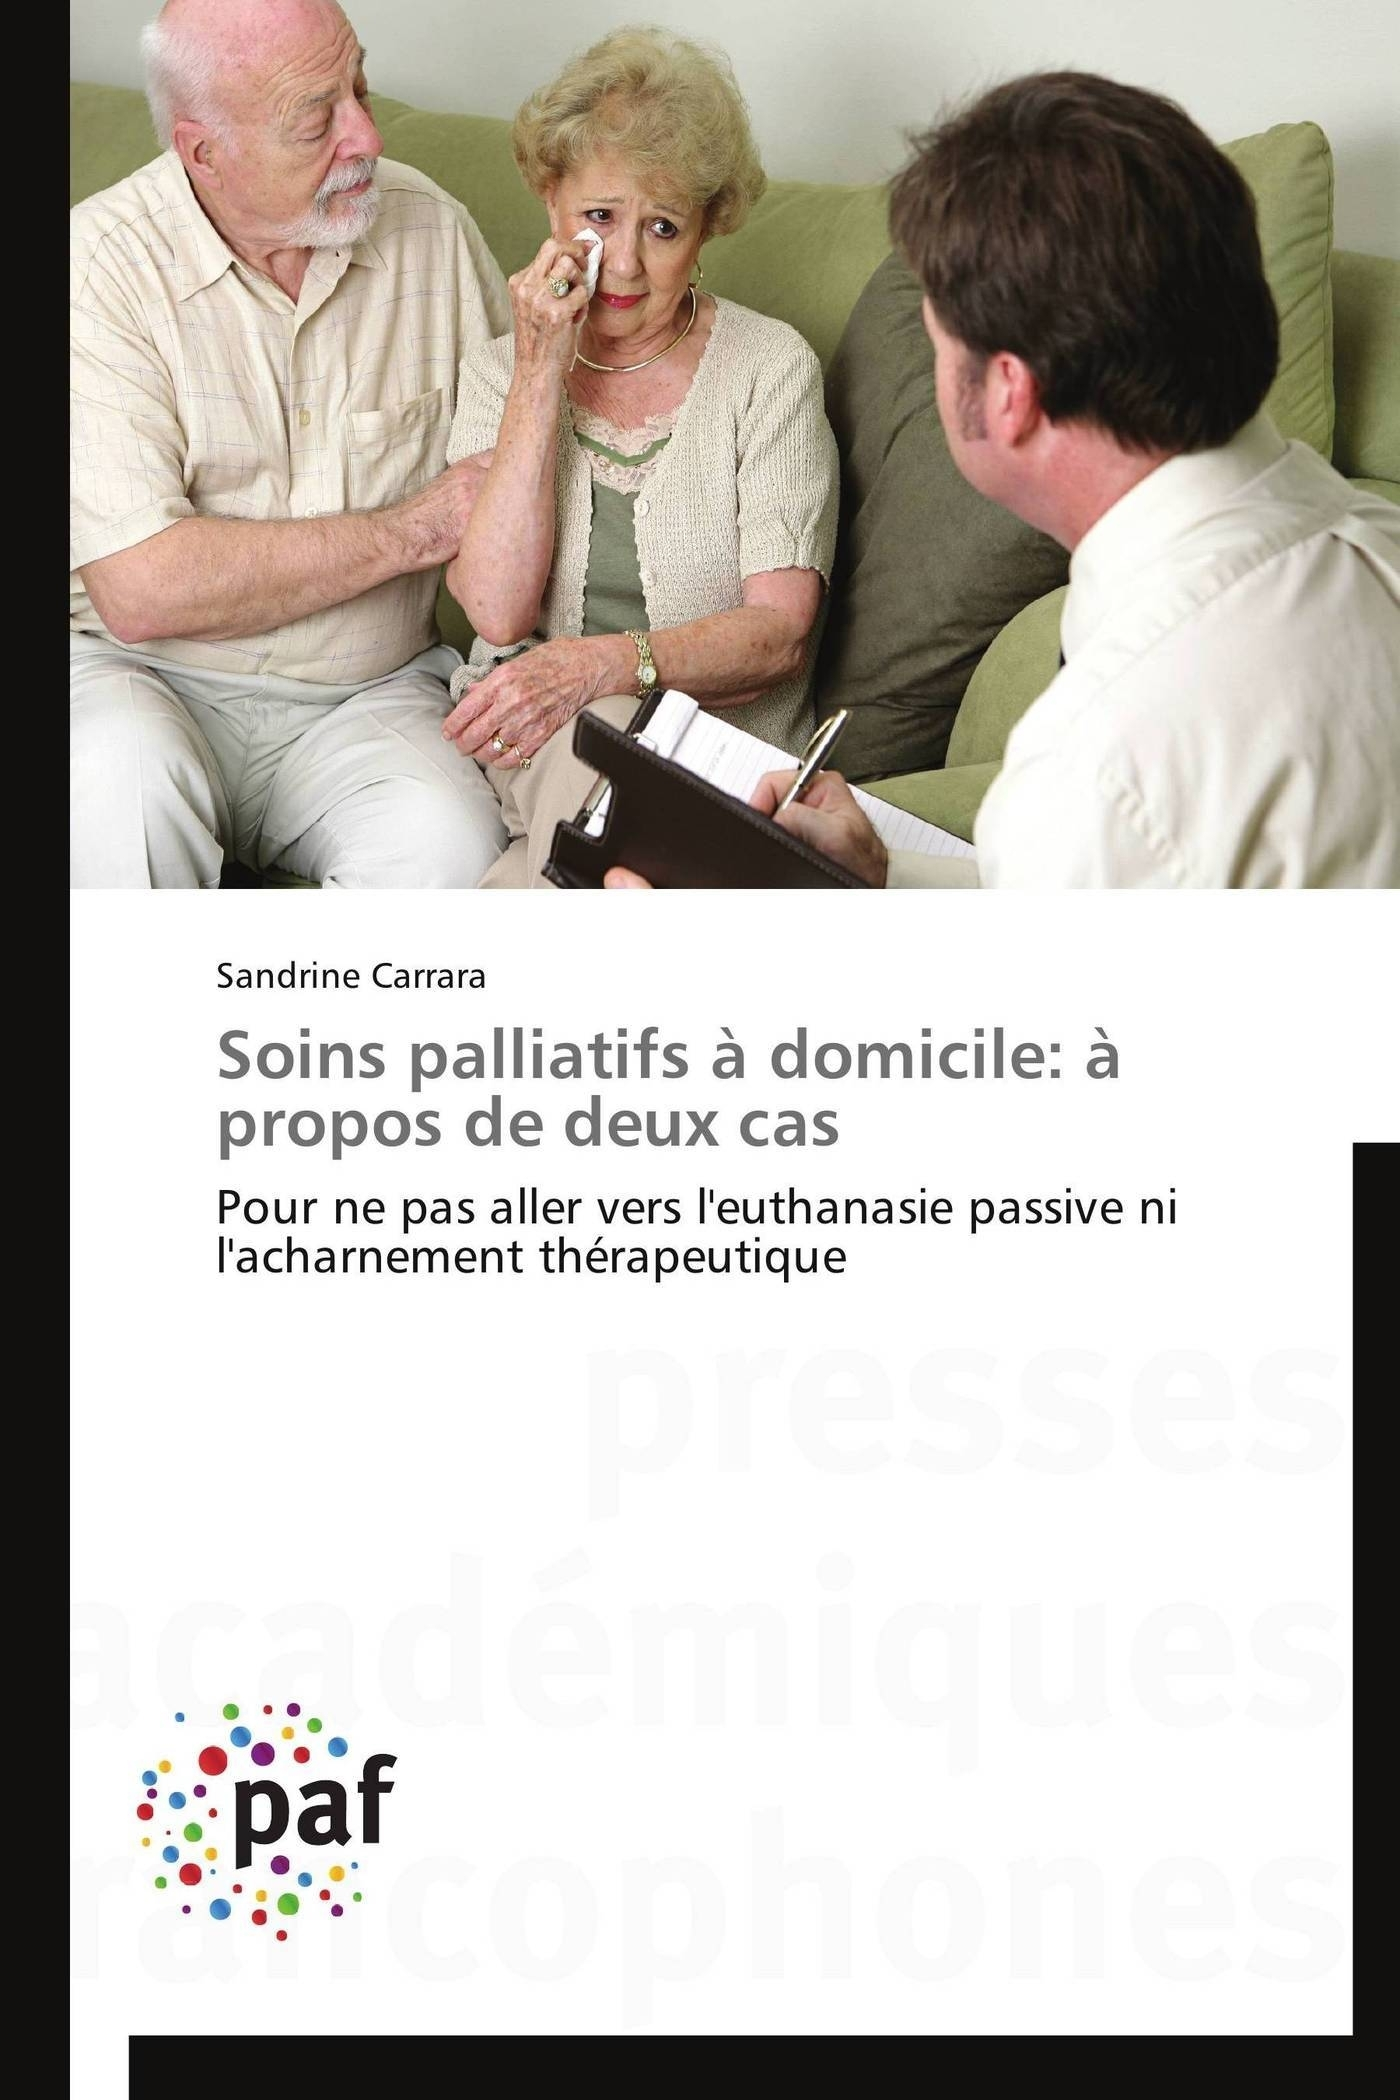 SOINS PALLIATIFS A DOMICILE: A PROPOS DE DEUX CAS